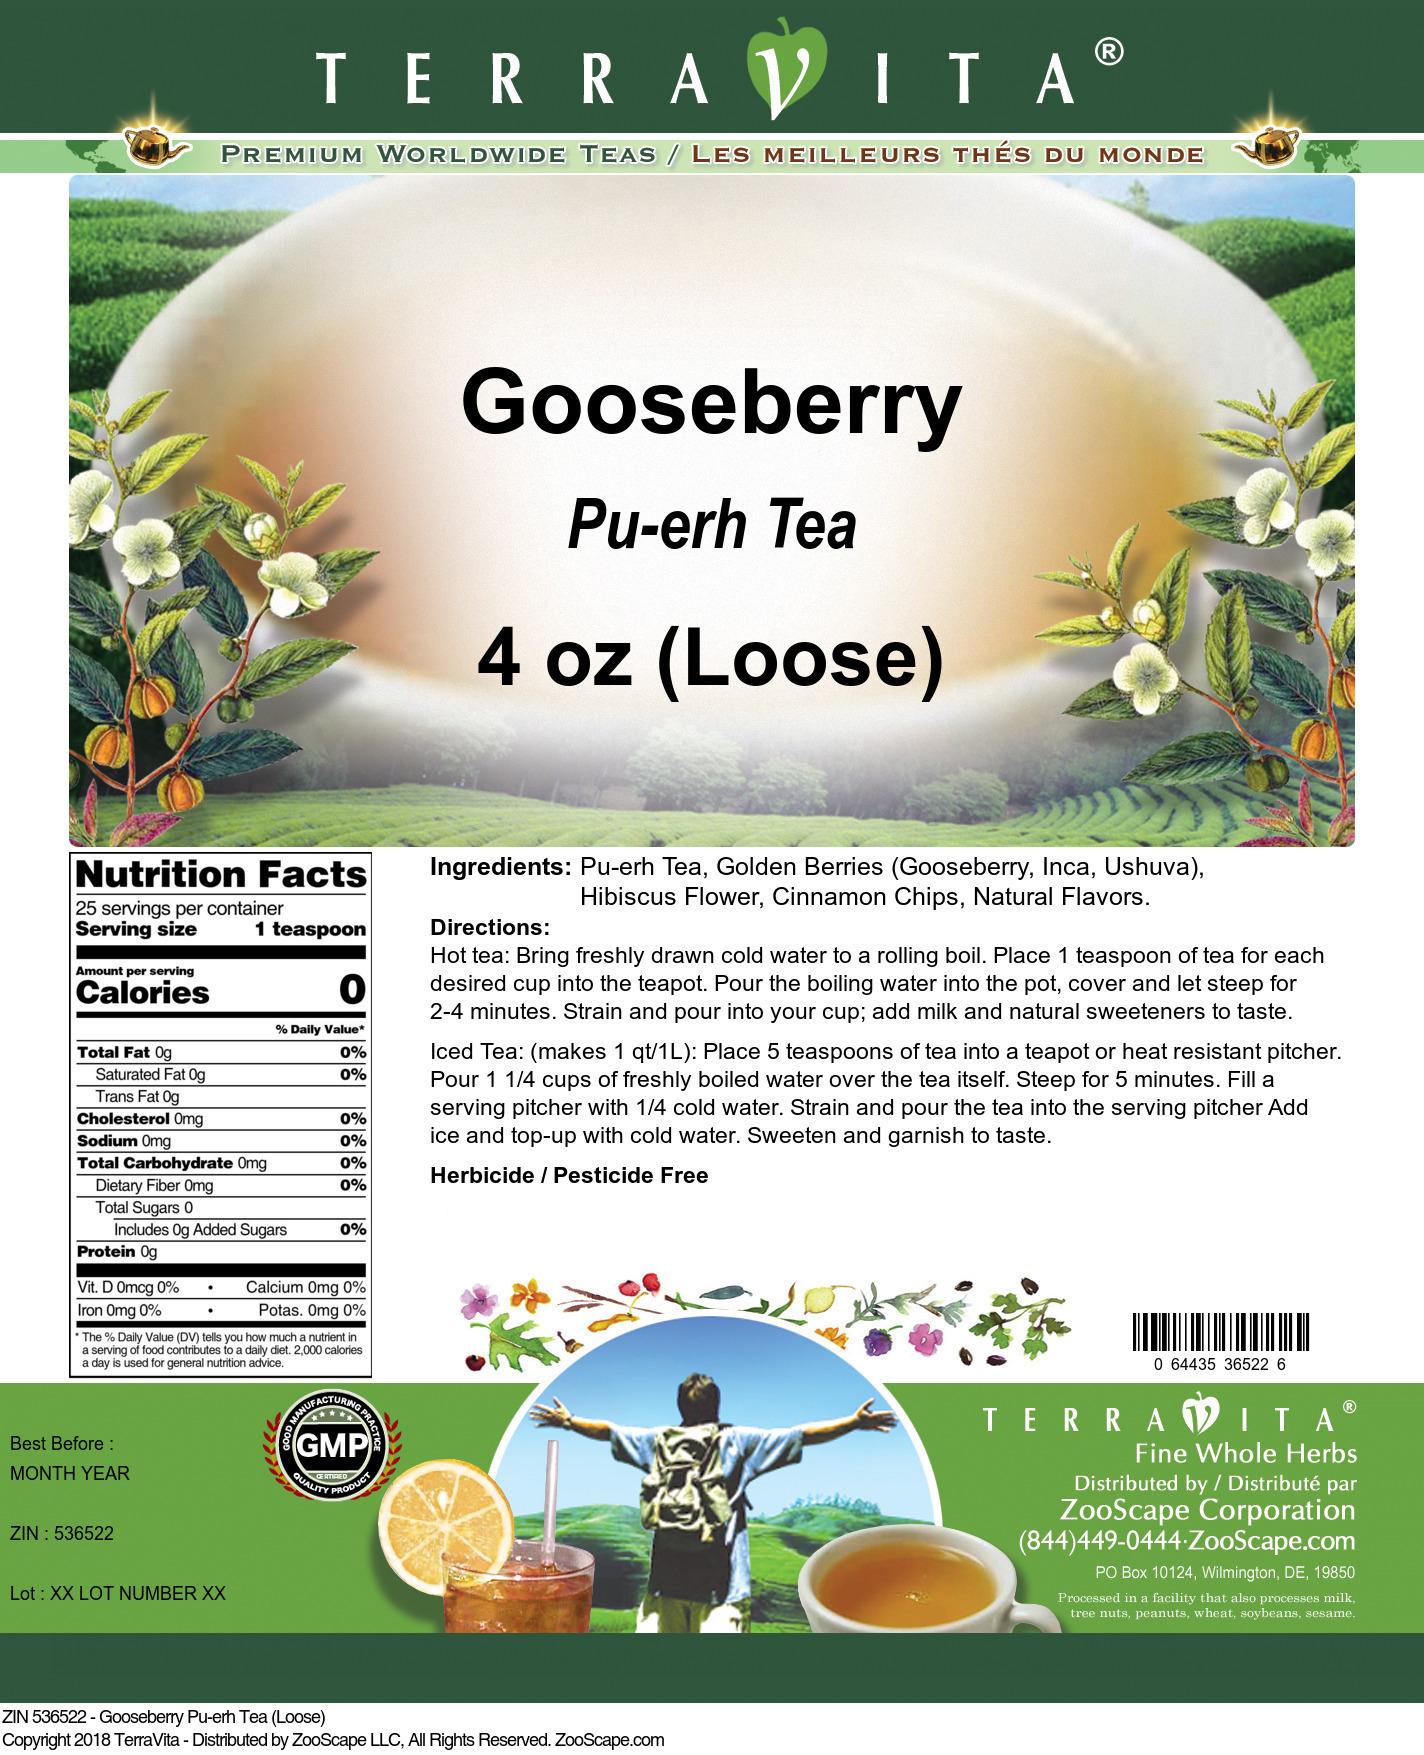 Gooseberry Pu-erh Tea (Loose)